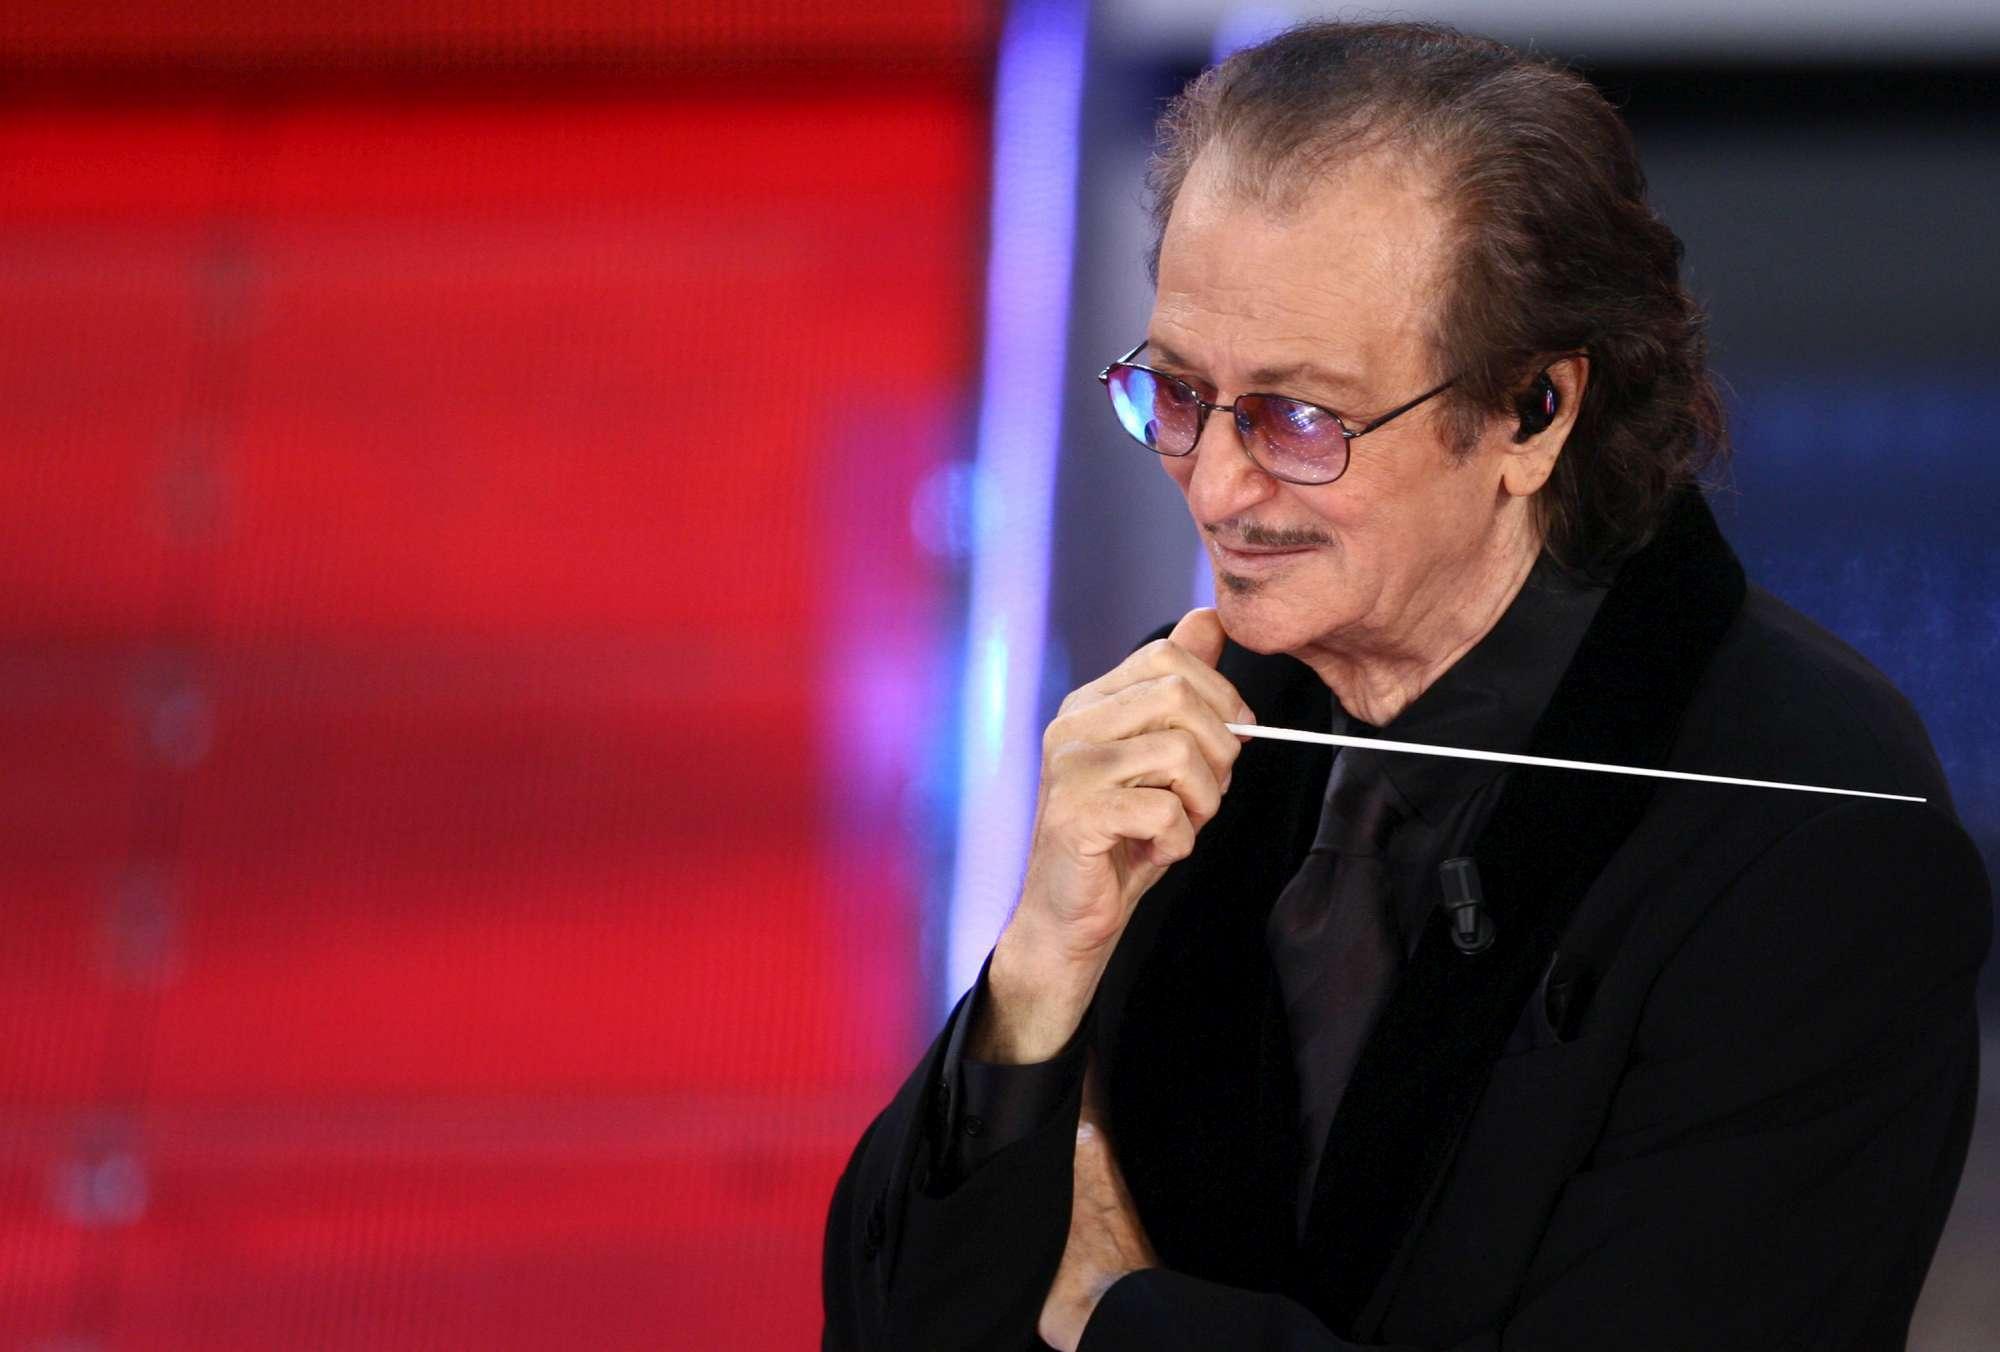 Morto il maestro Pippo Caruso, il suo nome legato a tanti programmi tv di successo